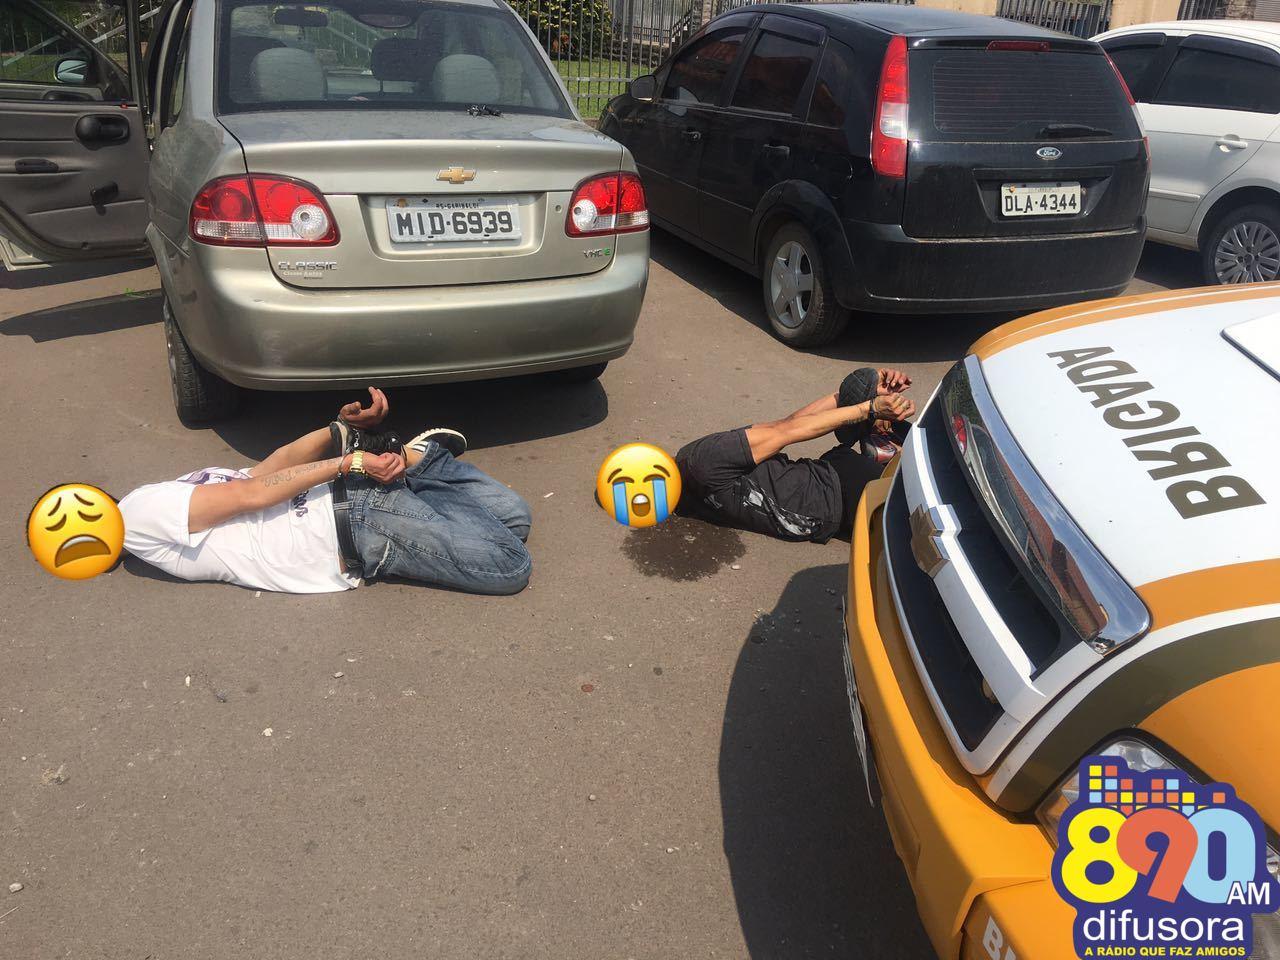 Bandidos cometem assalto em Bento e são presos após perseguição